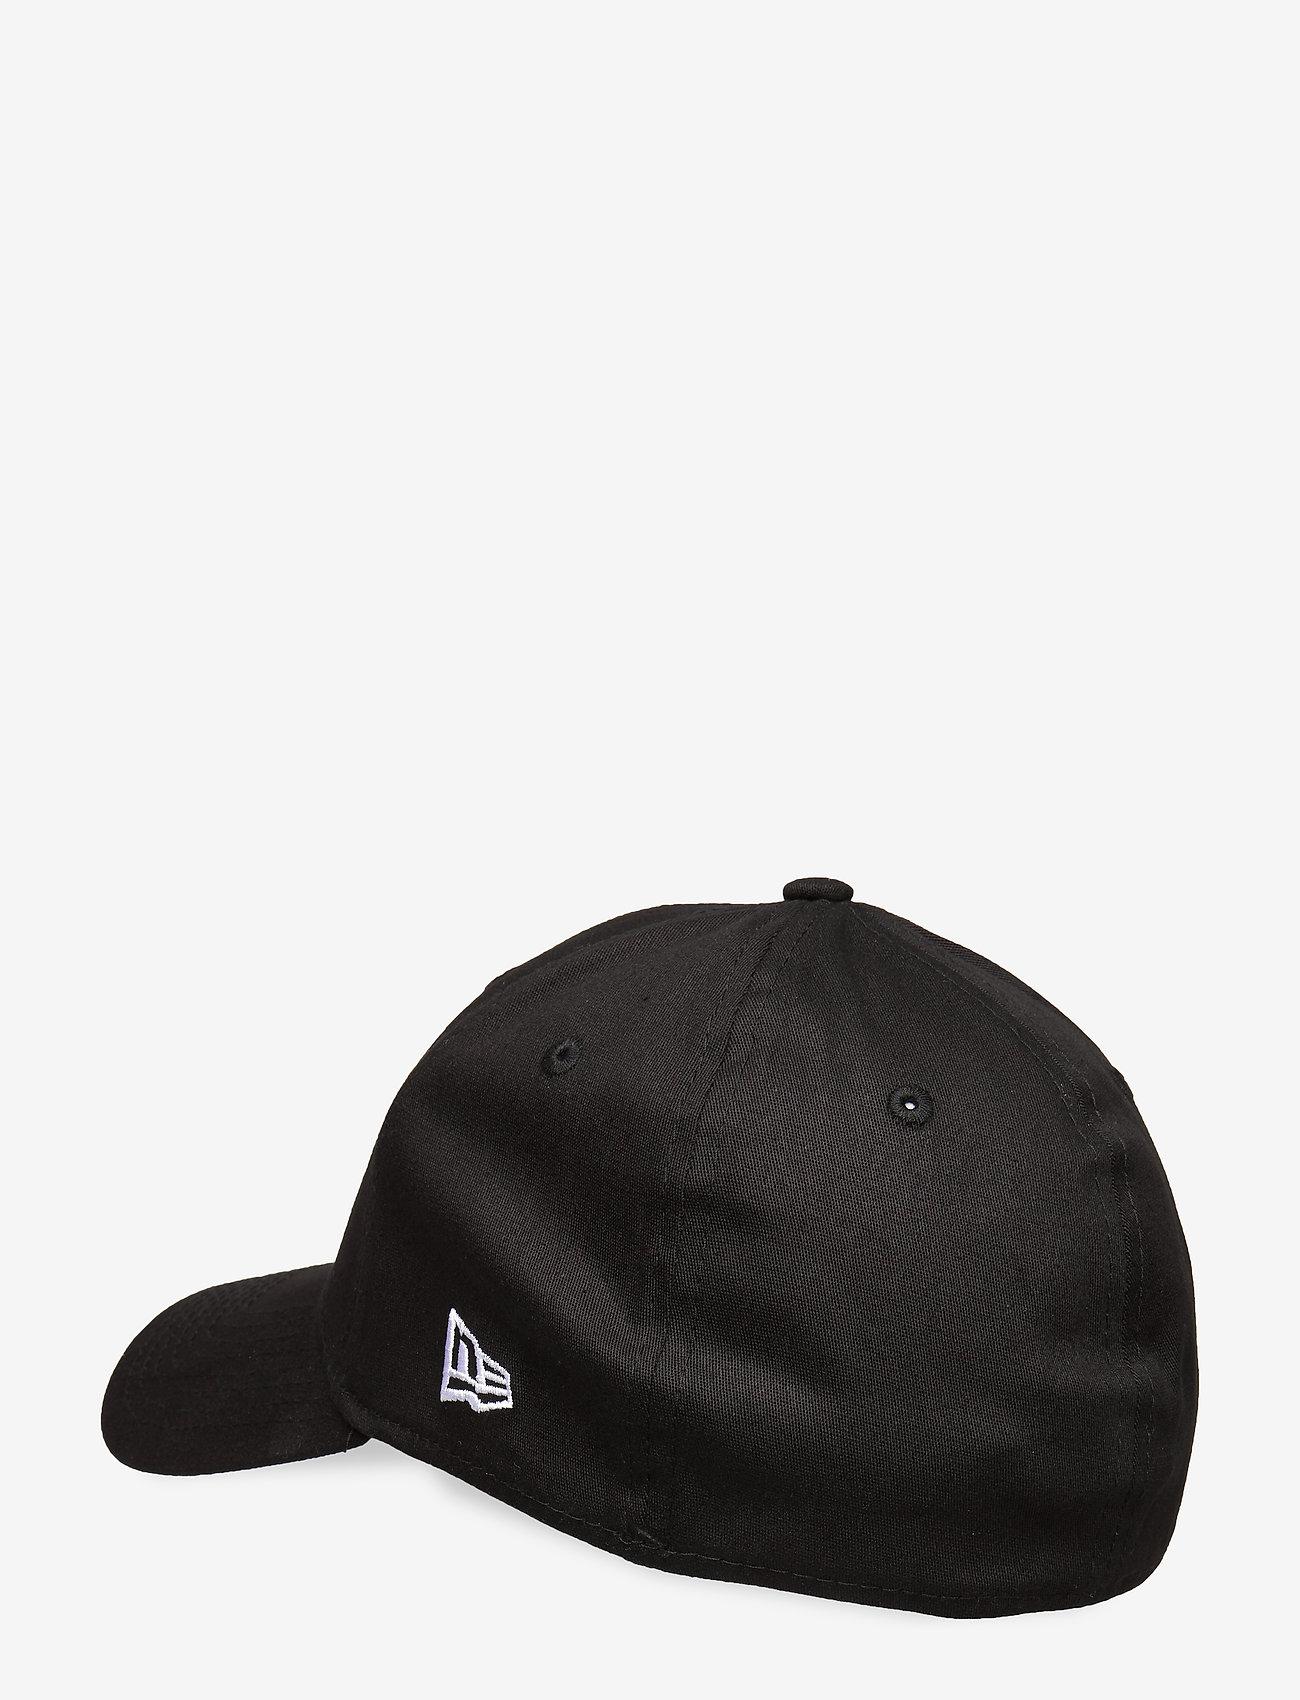 New Era - 39THIRTY LEAGUE BASIC NEYYAN - caps - black/white - 1